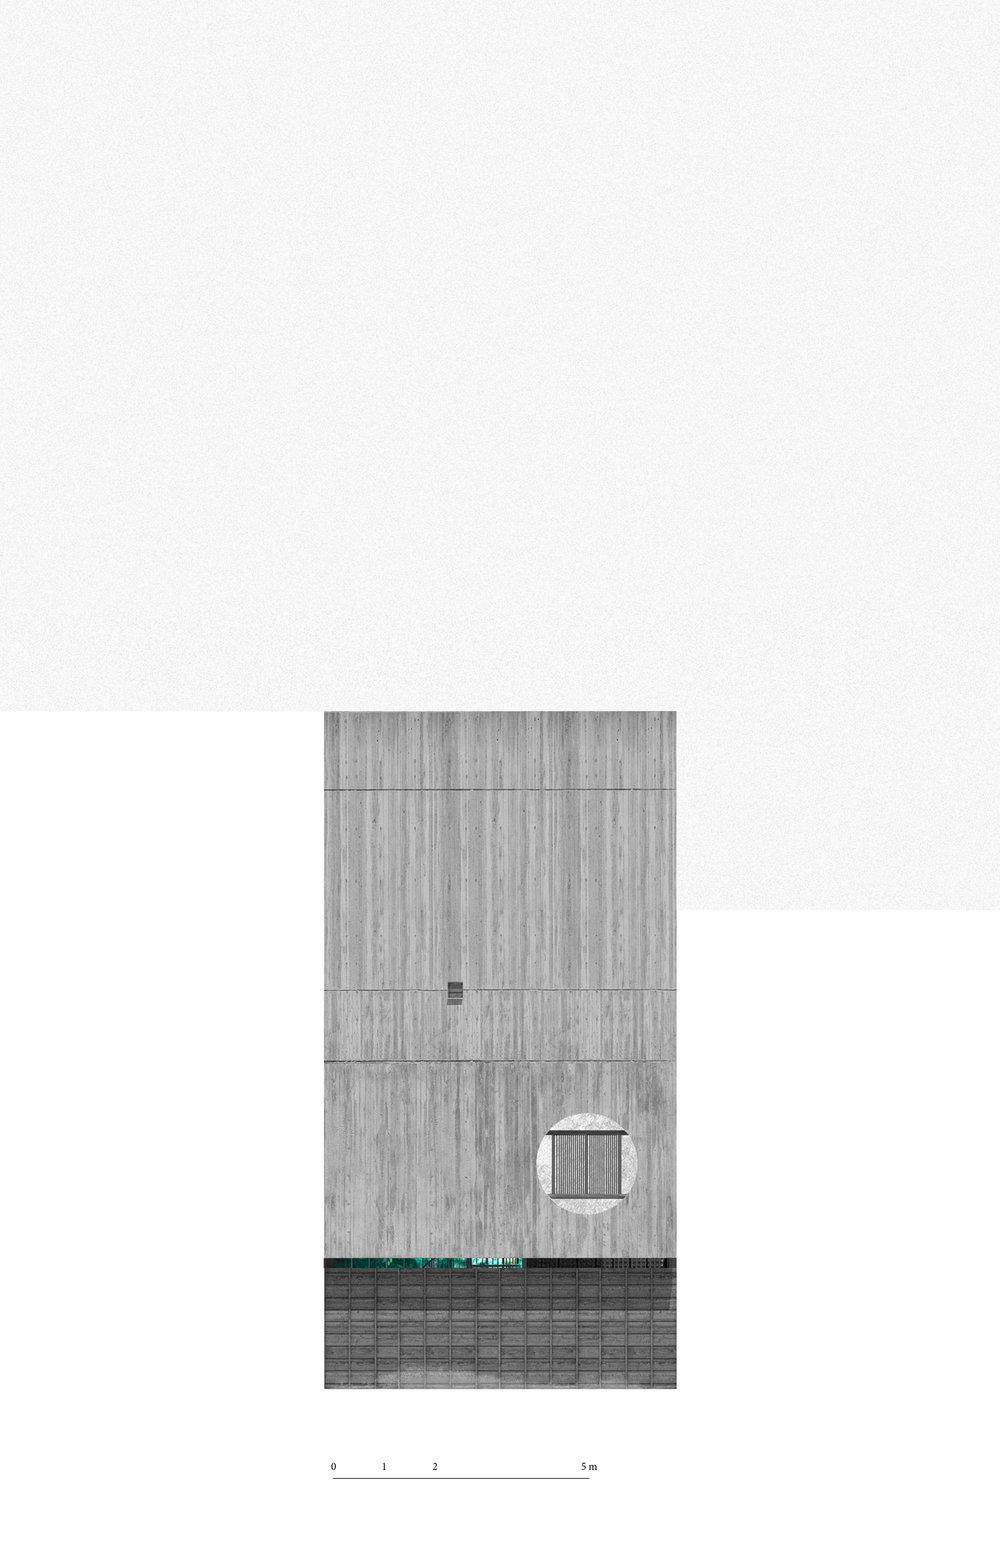 El diseño de la casa hace uso de una sola estructura de concreto intersectada por tapancos de madera y acero para dar la apariencia de un espacio industrial atemporal.  El programa se genera alrededor de dos espacios verdes: el patio trasero con un árbol de mango existente y un patio central de triple altura que funciona como invernadero.   The design of the house makes use of a single concrete structure with wooden and steel elements to give the appearance of a timeless industrial space.  The program is generated around two green spaces: the backyard with an existing mango tree and a central triple height greenhouse.